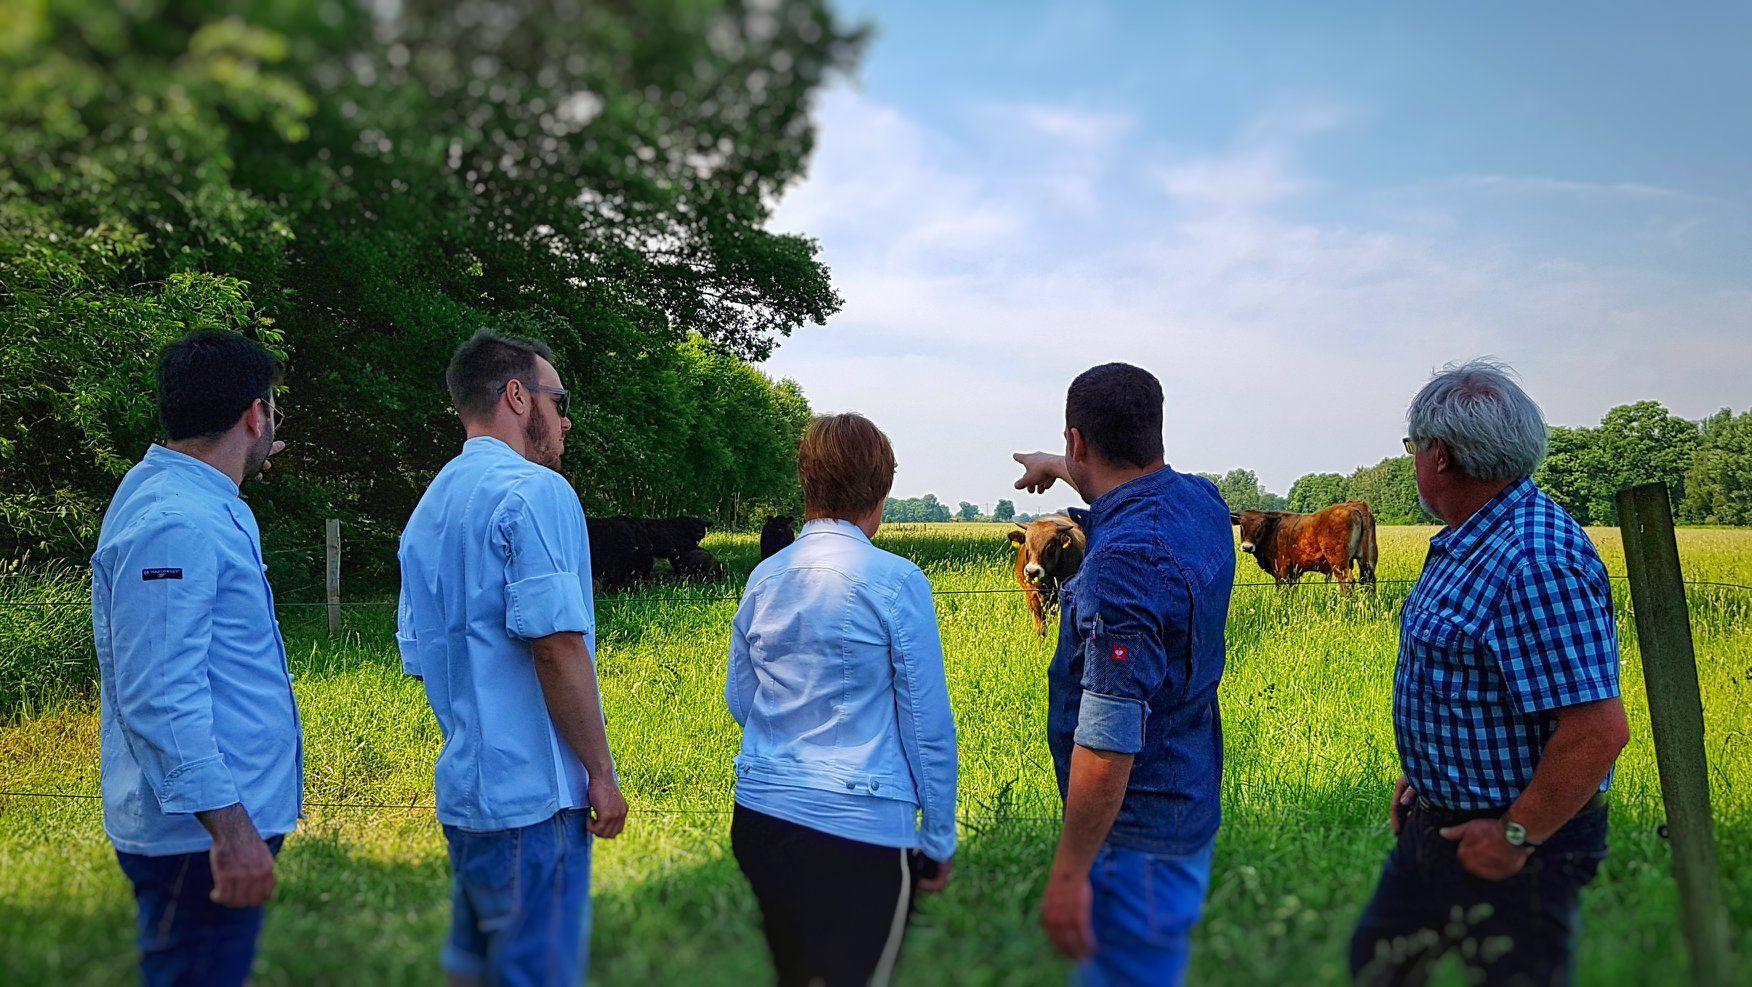 Galloways Sind Eine Dominant Hornlose Rinderrasse Sie Stammen Ursprunglich Aus Dem Sudwesten Schottlands Und Sind Heut Restaurant Widerstandsfahig Palmengarten